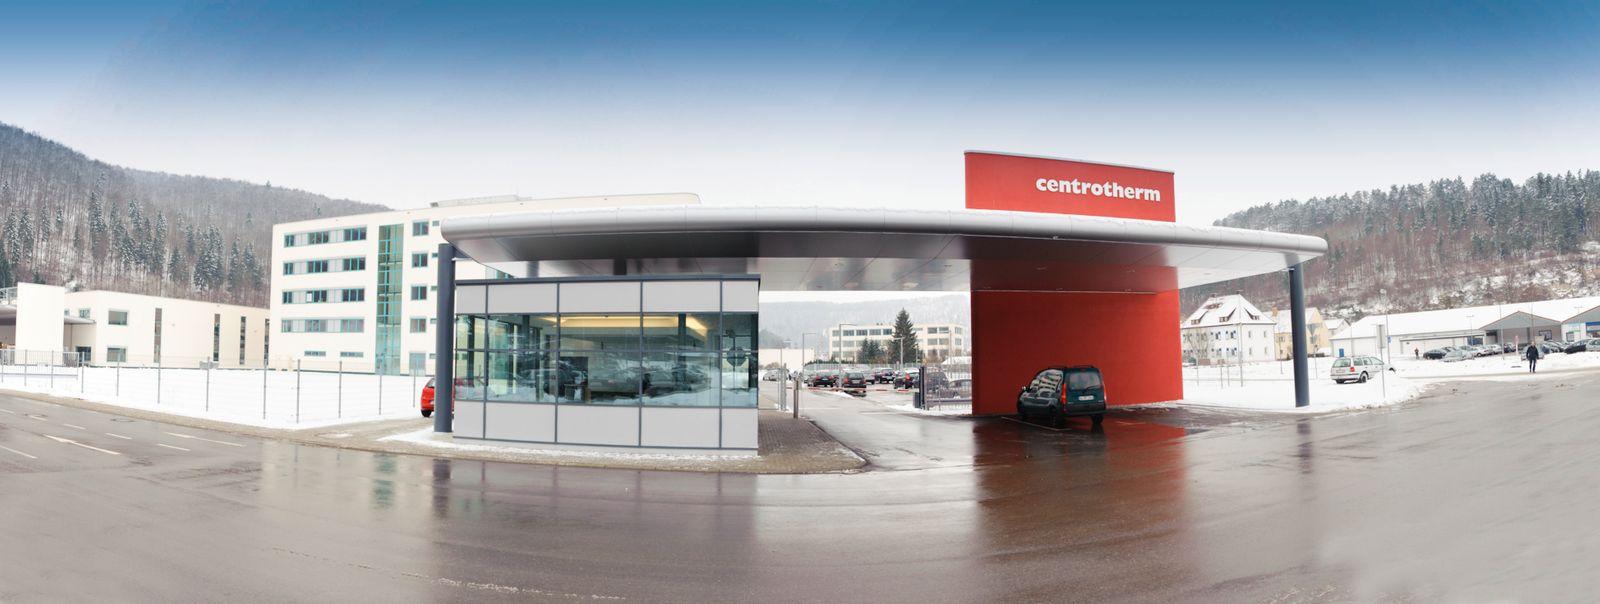 Centrotherm / Solar / HQ Außenansicht / LOGO